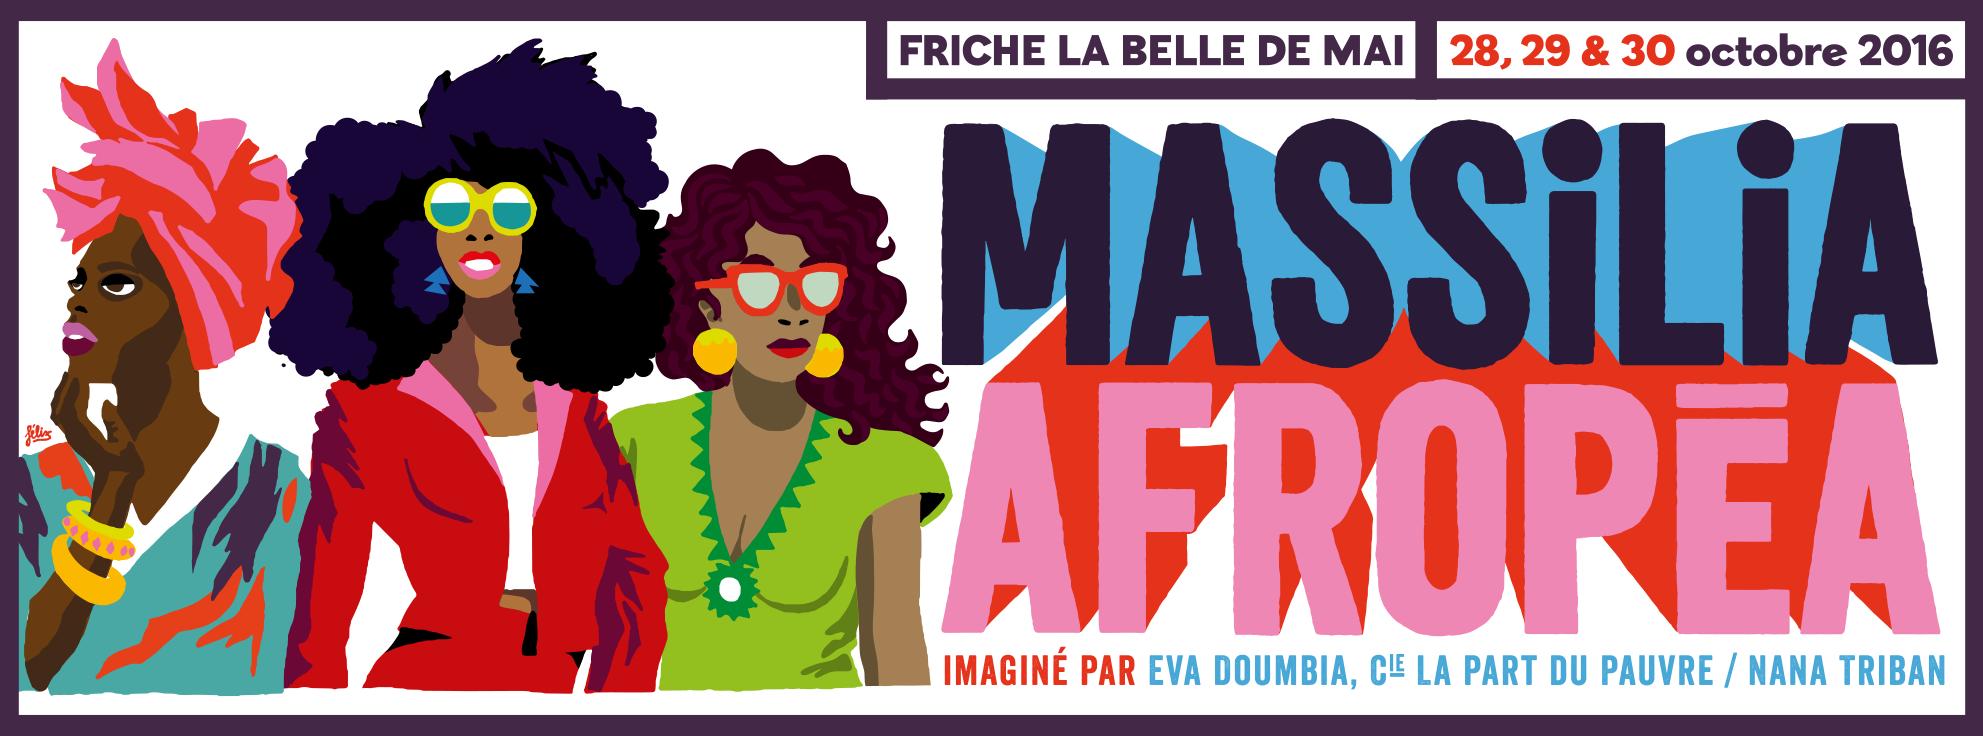 masilia-afropea-marseille